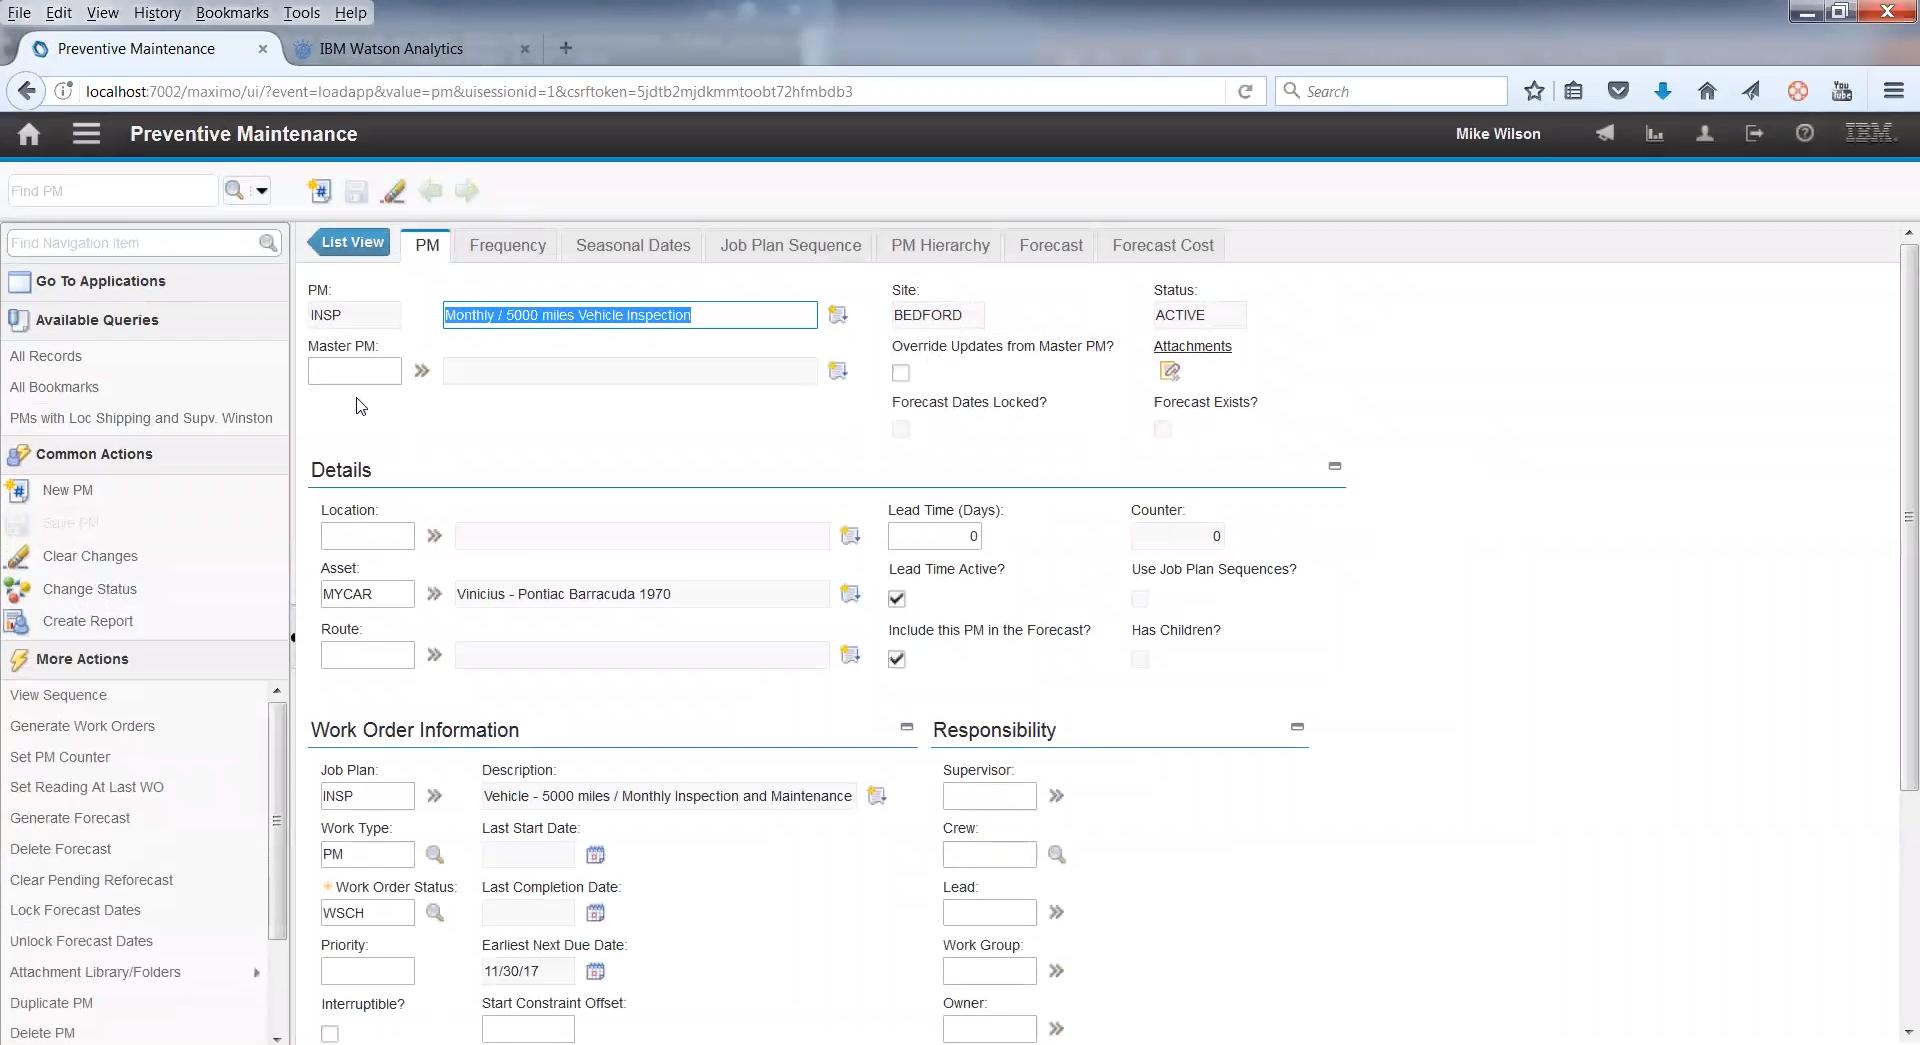 План предварительного технического обслуживания и ремонта (ППТО и ППР) в программе IBM Maximo